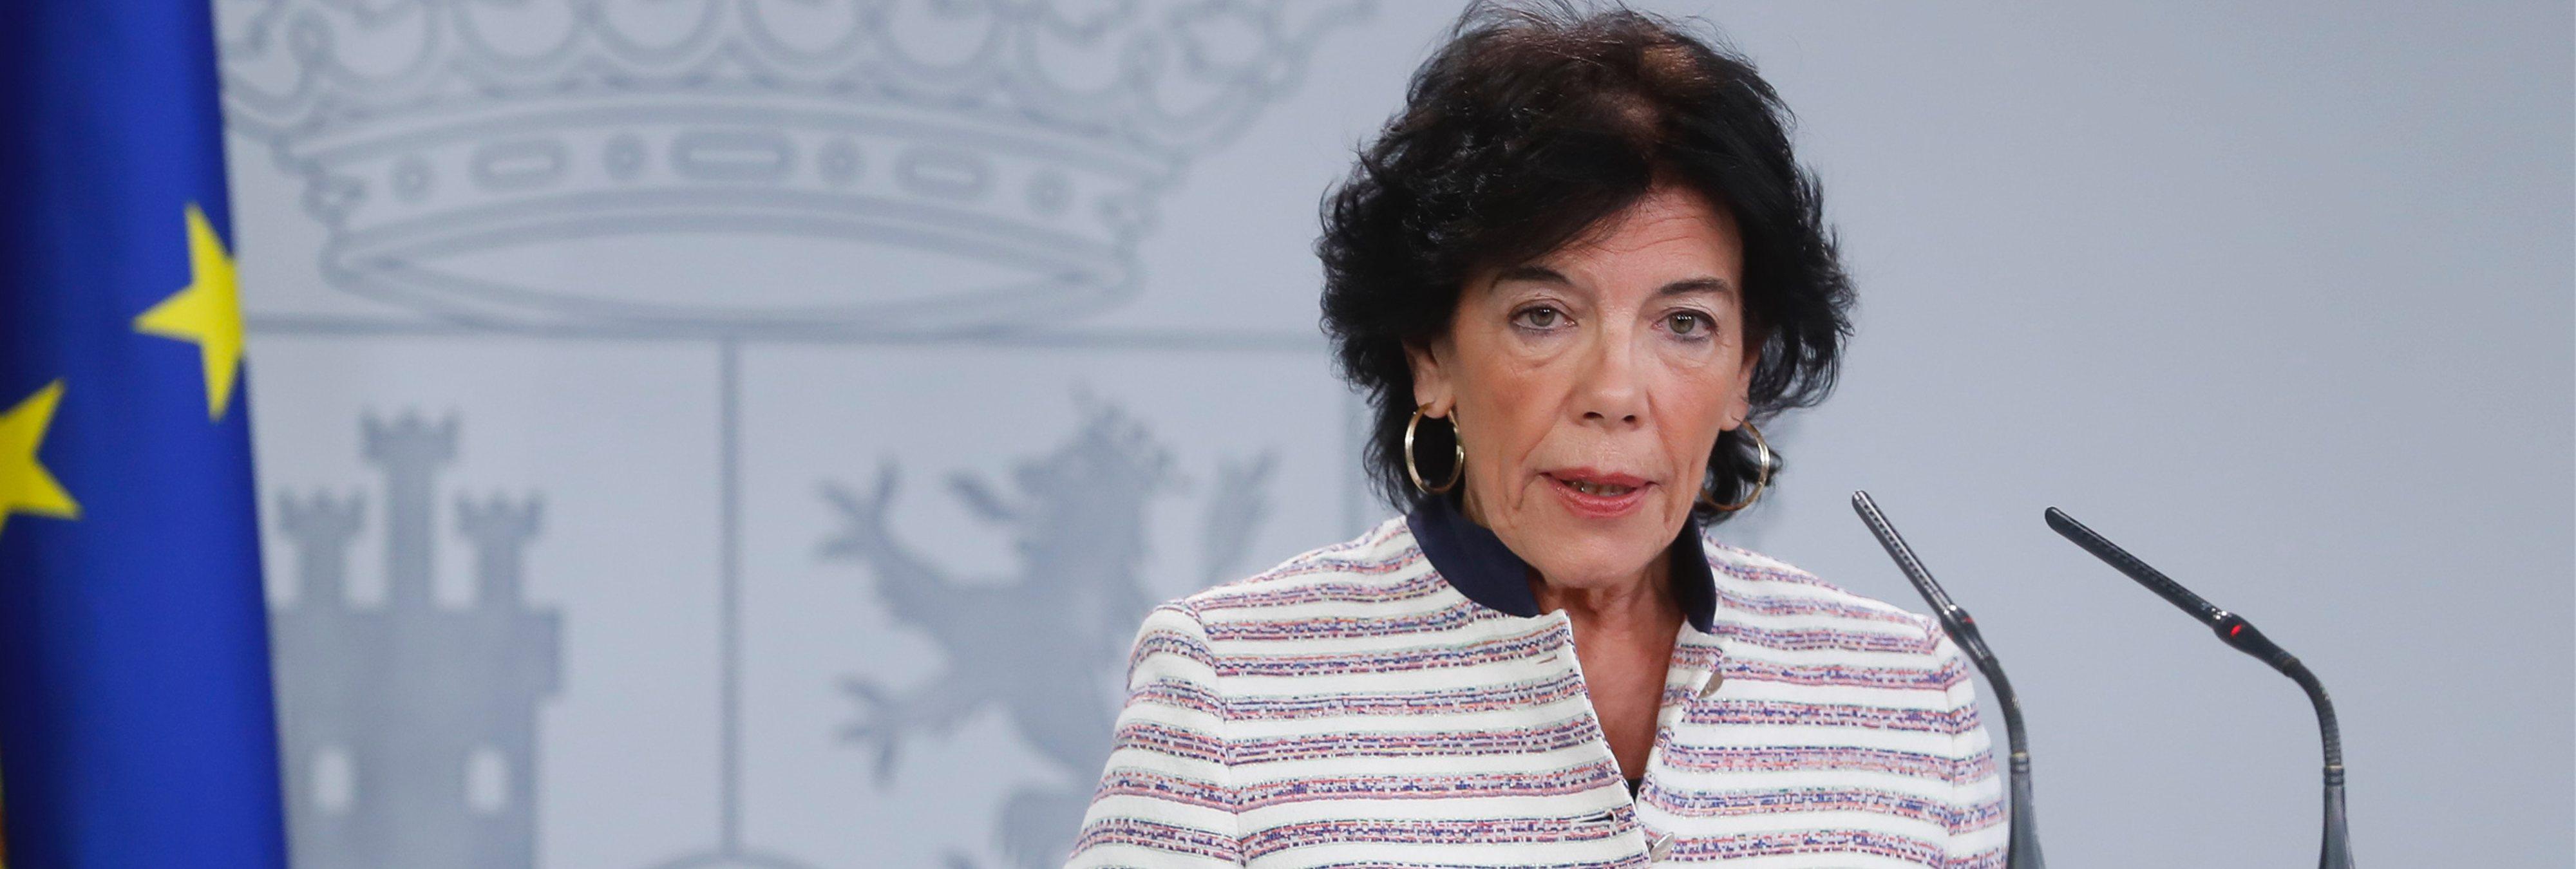 Isabel Celaá, la ministra de Educación, comete dos errores ortográficos en un tweet